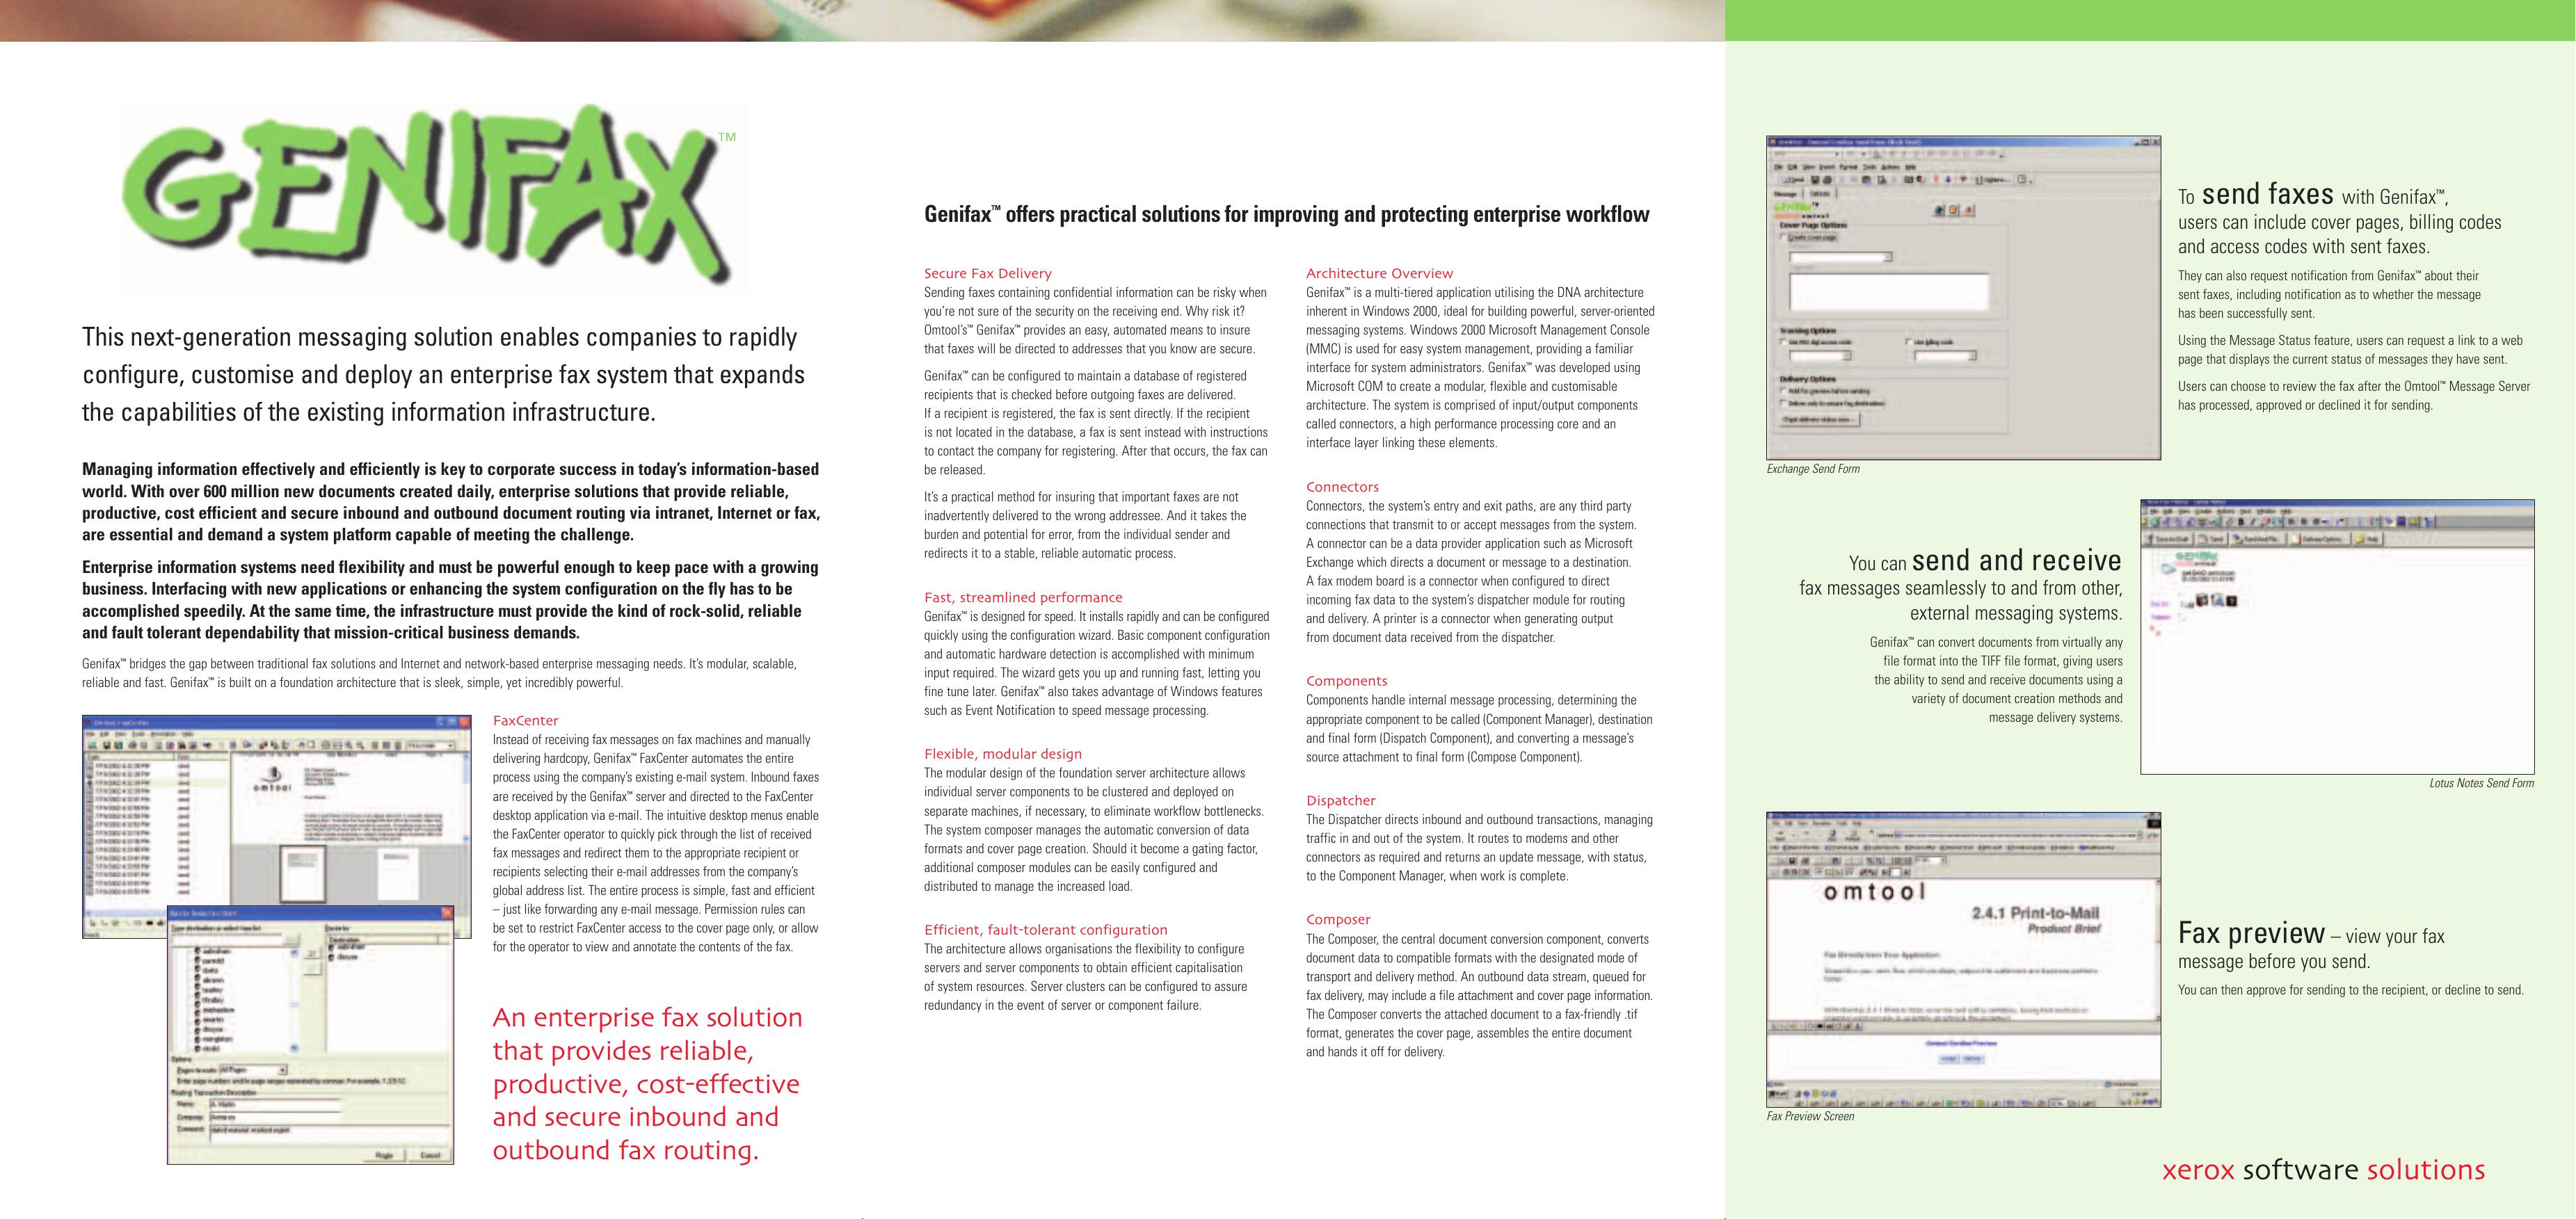 GENIFAX PRINT WINDOWS 8.1 DRIVER